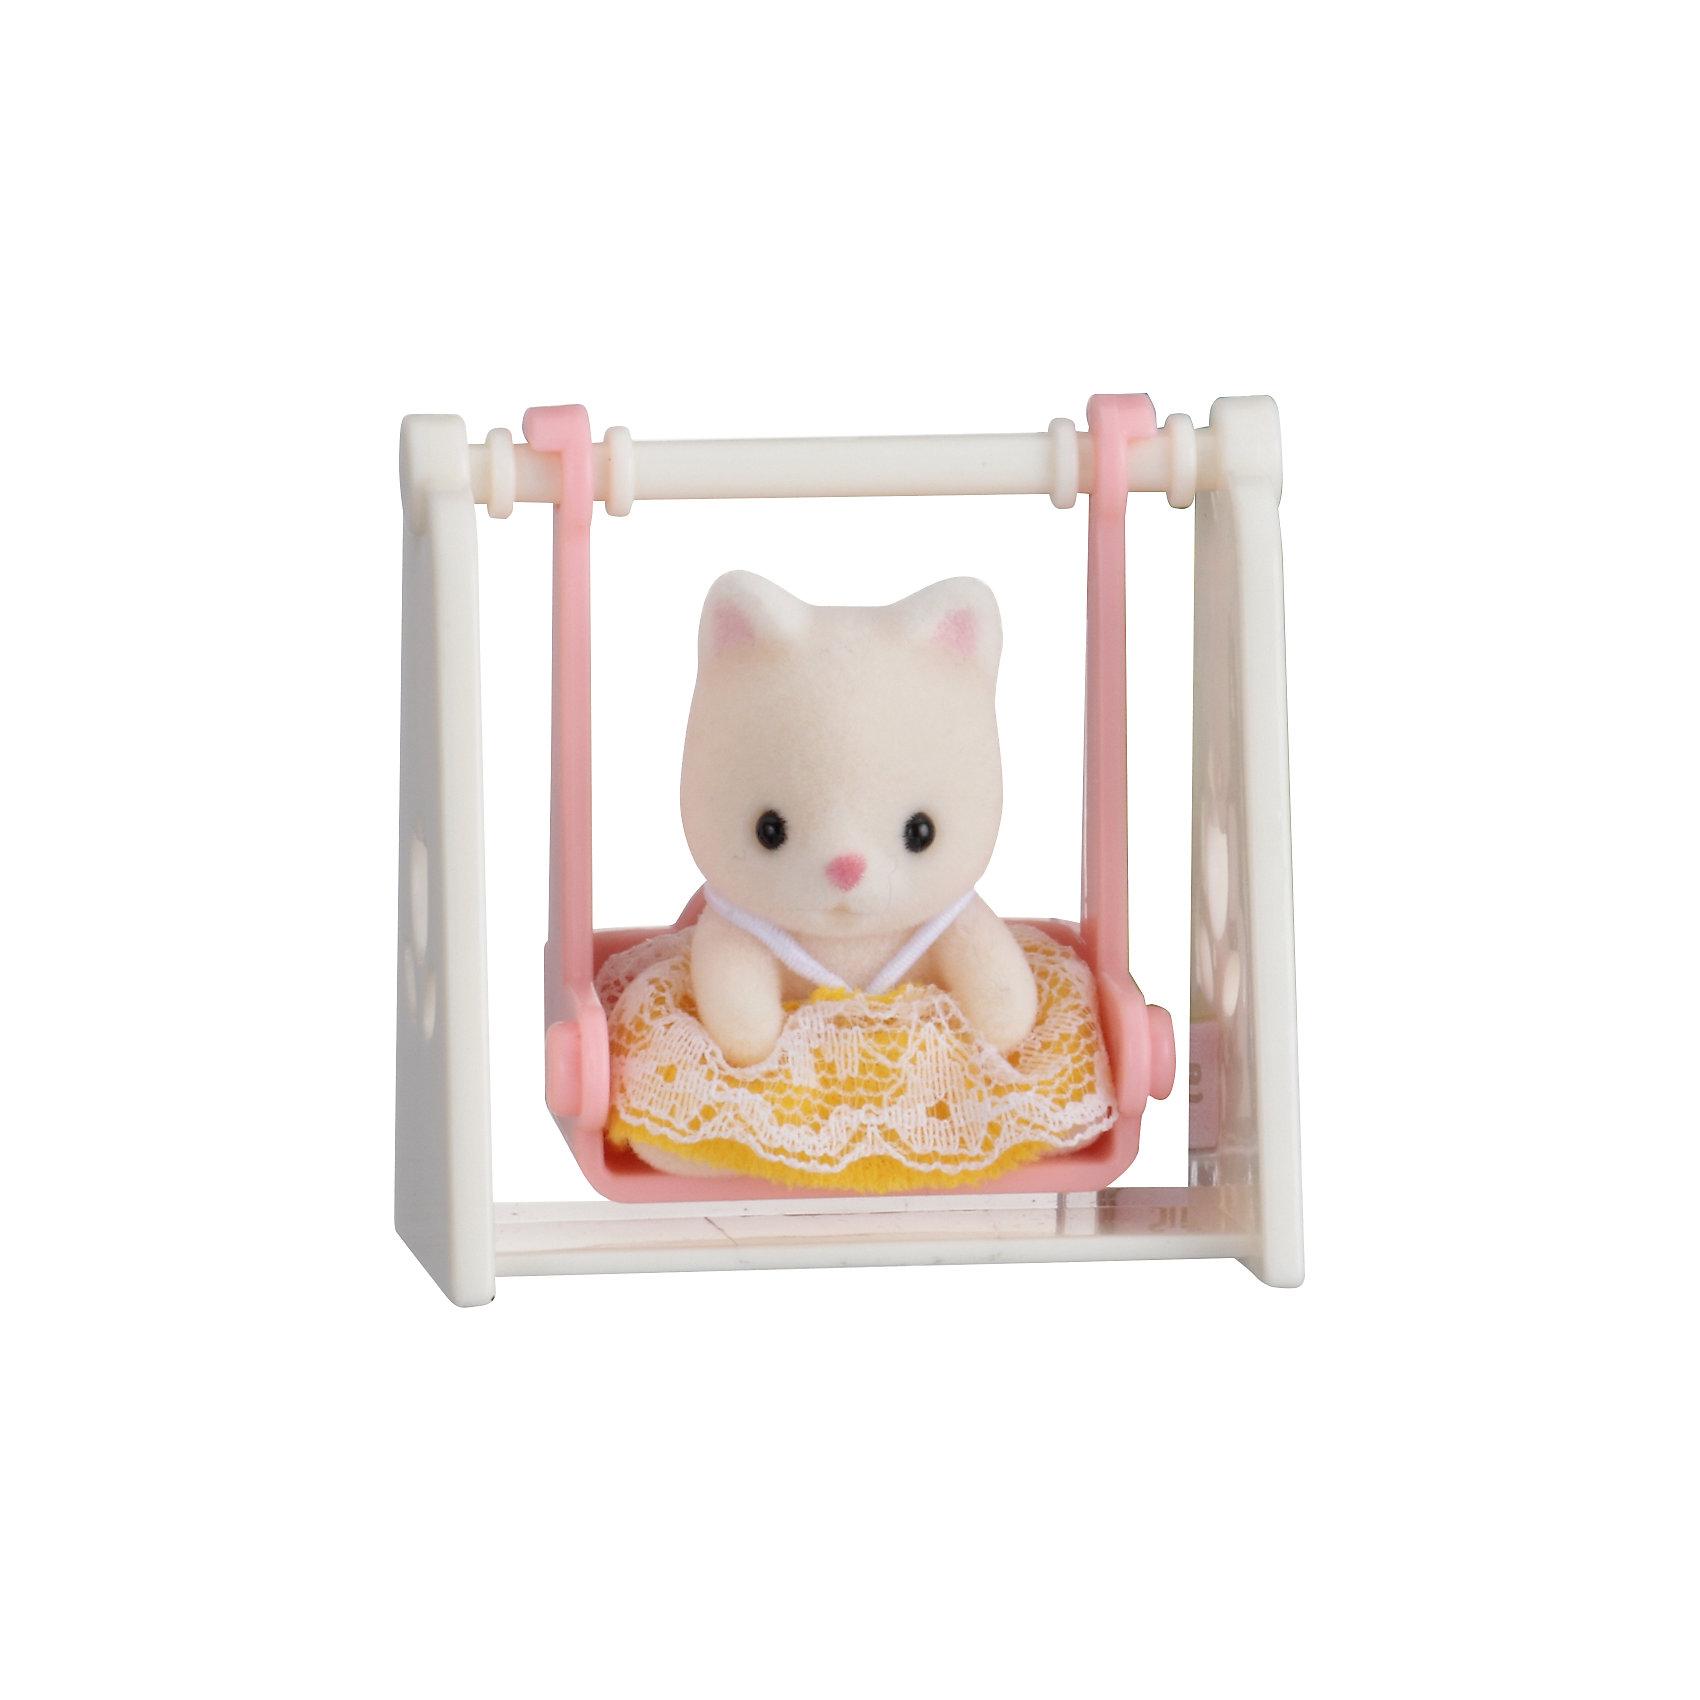 Набор Младенец в пластиковом сундучке  (кошка на качелях), Sylvanian FamiliesSylvanian Families (Сильваниан Фэмилис) - целый мир, в котором живут маленькие милые зверята -  кролики, белки, медведи, лисы и многие другие. У каждого из них есть дом. Познакомься с малышом-котенком, он еще совсем маленький и так нуждается в твоей помощи и заботе, посади его на качели и покачай, смотри, как он рад! Игрушка прекрасно подходит для сюжетно-ролевых игр детей, развивает социальные навыки, мелкую моторику и воображение. Все детали набора выполнены их высококачественных, нетоксичных безопасных материалов. <br><br>Дополнительная информация:<br><br>- Комплектация: малыш-котенок, качели.<br>- Материал: пластик, текстиль, флок.<br>- Голова и лапки поворачиваются.<br><br>Набор Младенец в пластиковом сундучке  (кролик в коляске), Sylvanian Families (Сильваниан Фэмилис), можно купить в нашем магазине.<br><br>Ширина мм: 275<br>Глубина мм: 267<br>Высота мм: 512<br>Вес г: 128<br>Возраст от месяцев: 36<br>Возраст до месяцев: 72<br>Пол: Женский<br>Возраст: Детский<br>SKU: 4177966